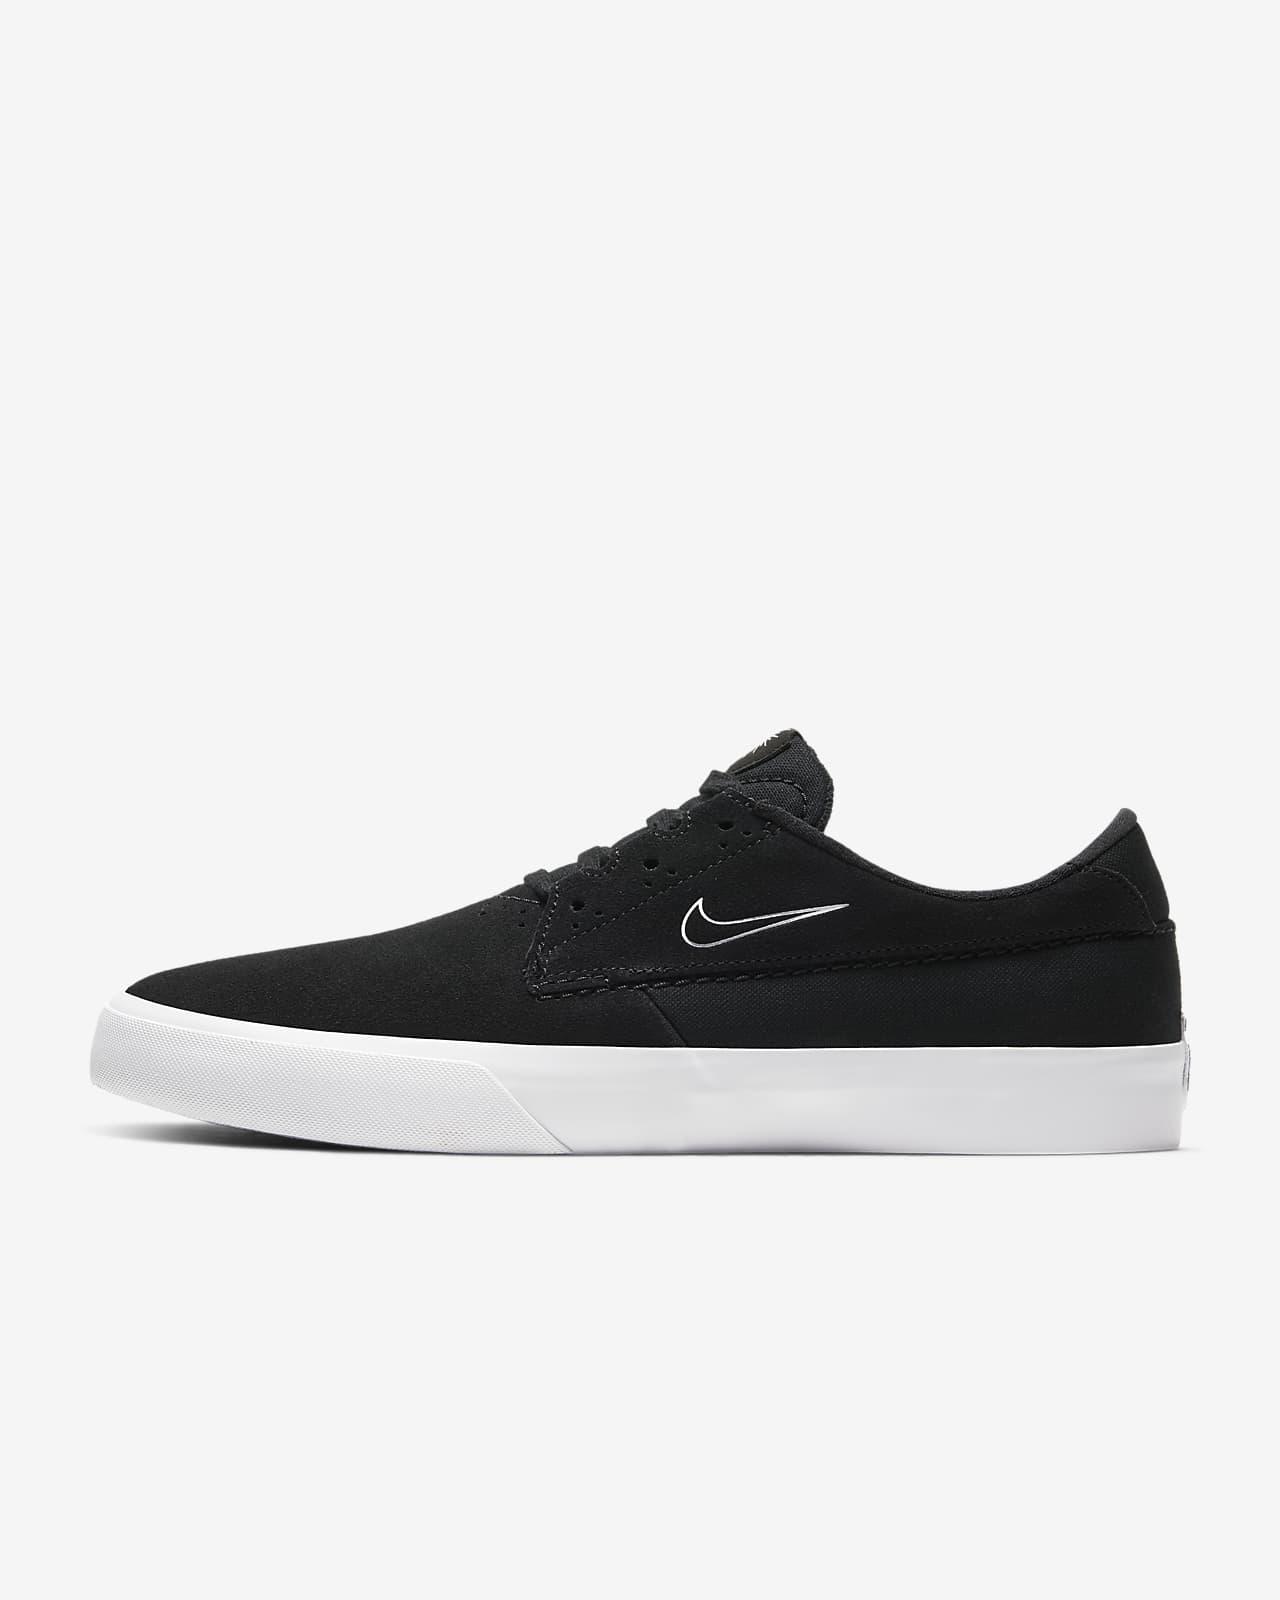 Sapatilhas de skateboard Nike SB Shane